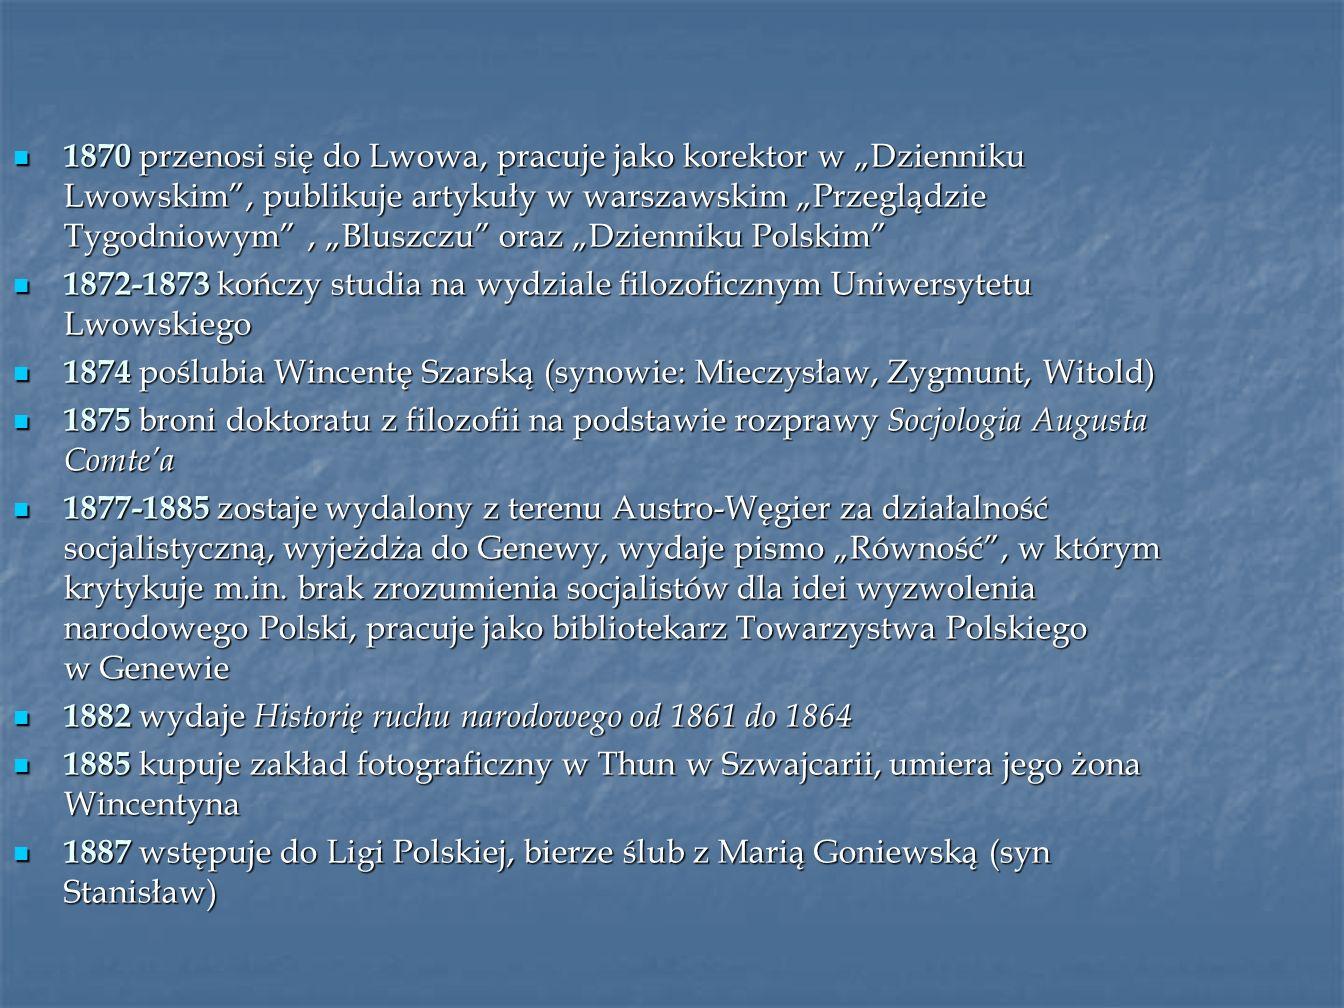 1870 przenosi się do Lwowa, pracuje jako korektor w Dzienniku Lwowskim, publikuje artykuły w warszawskim Przeglądzie Tygodniowym, Bluszczu oraz Dzienn